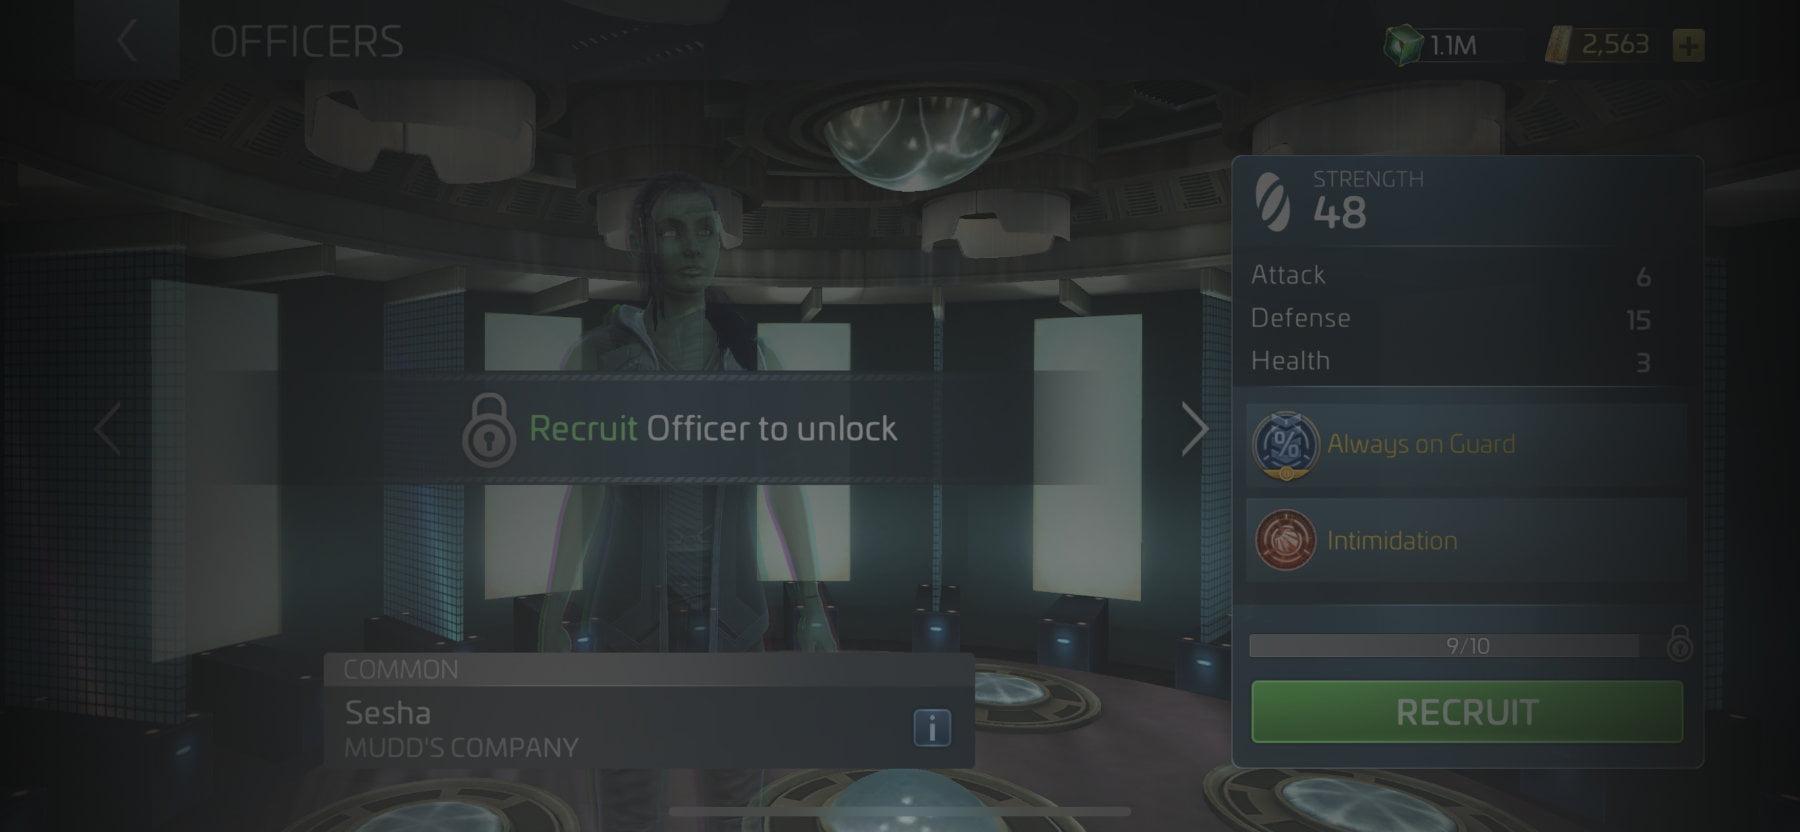 Officer Sesha